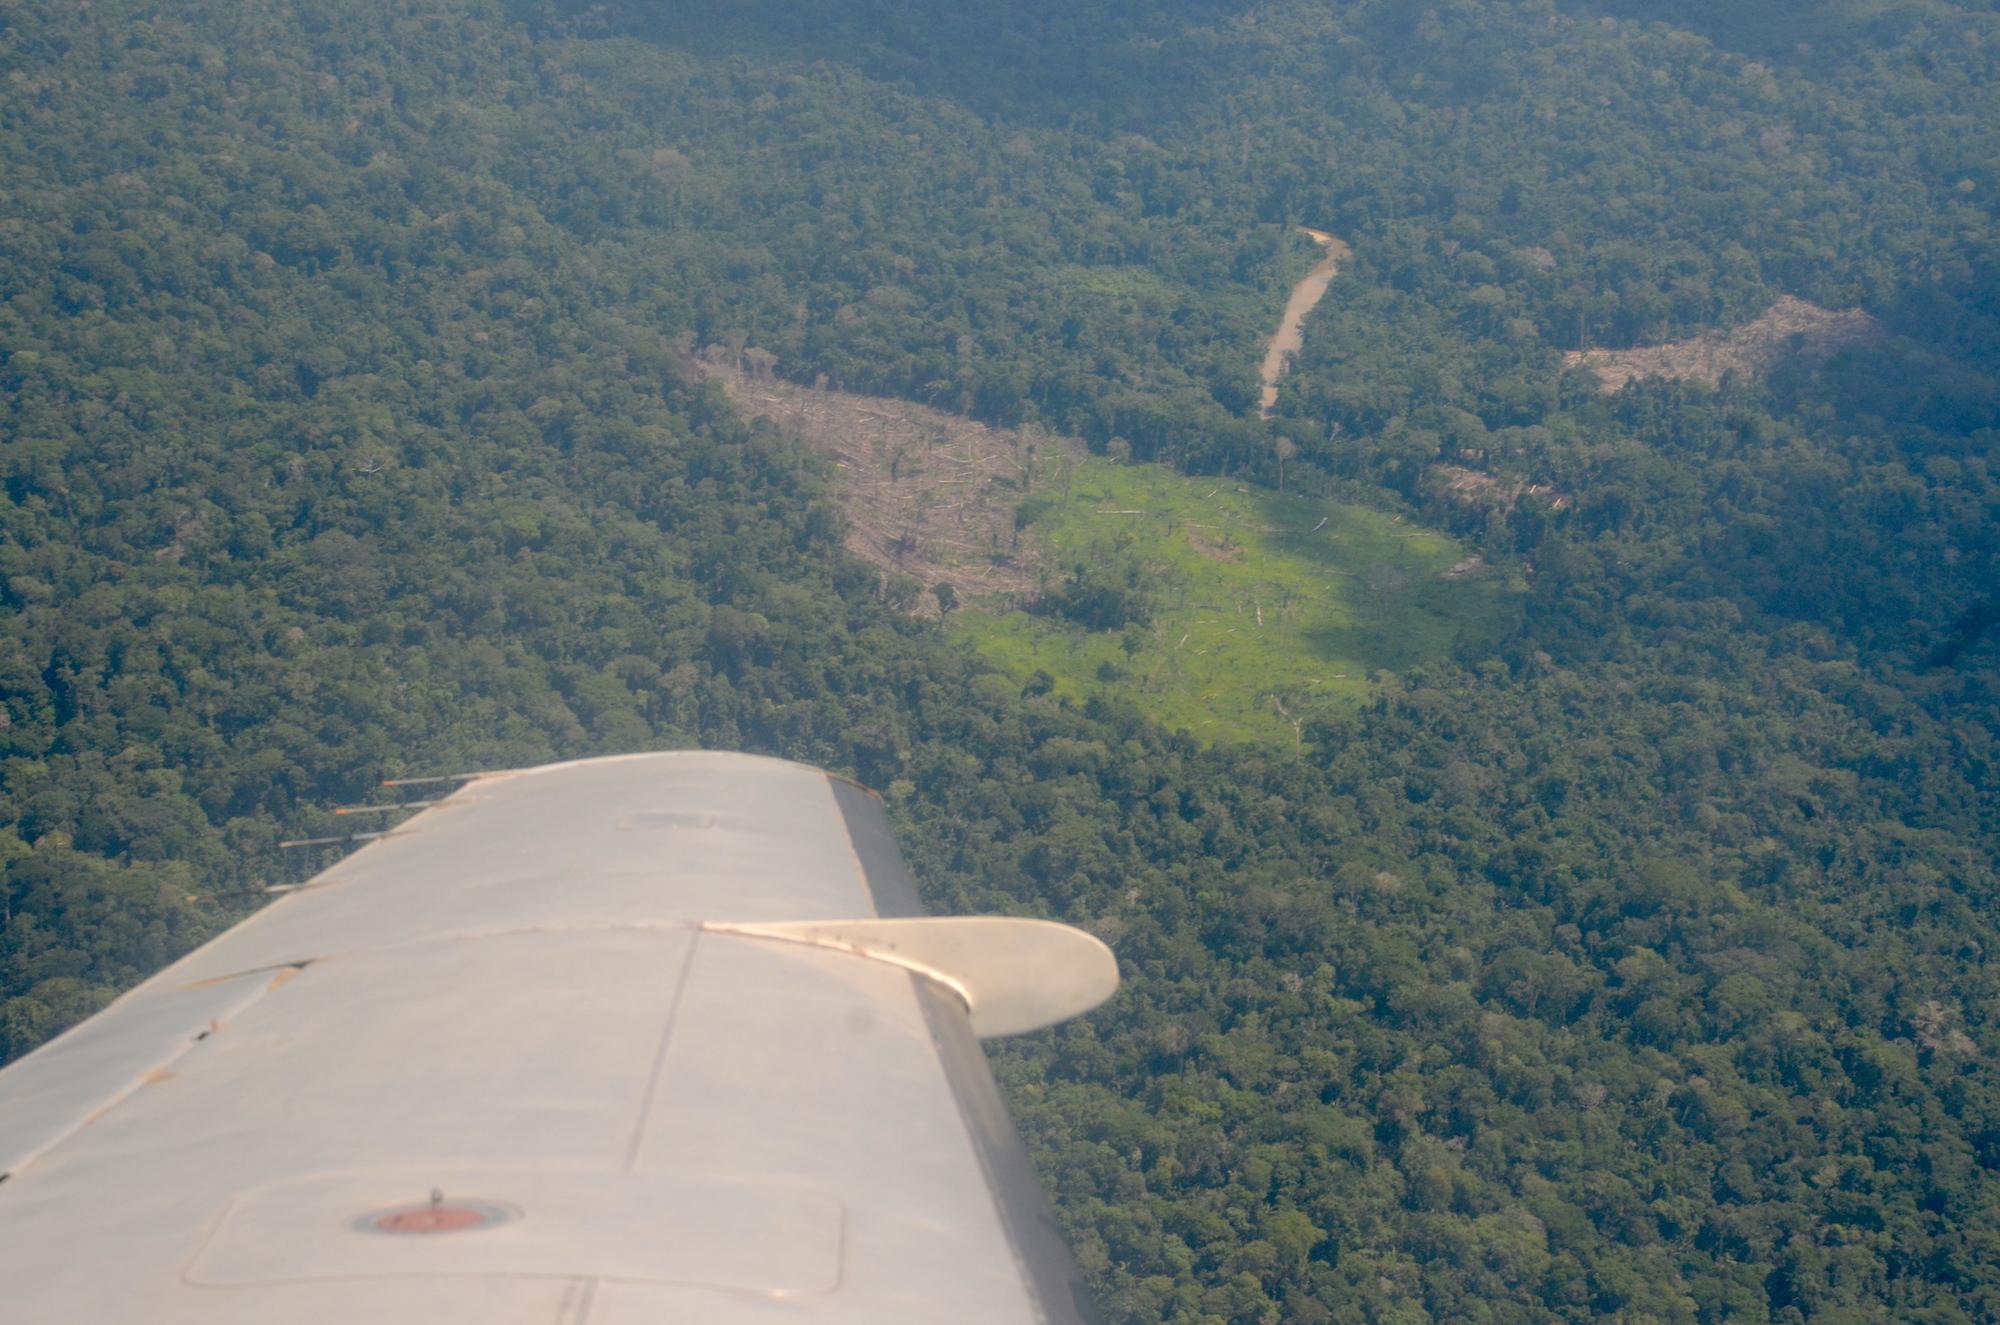 Un sector deforestado en Nueva Requena, en Ucayali, una zona de conflicto por la tierra. Foto: Yvette Sierra Praeli.